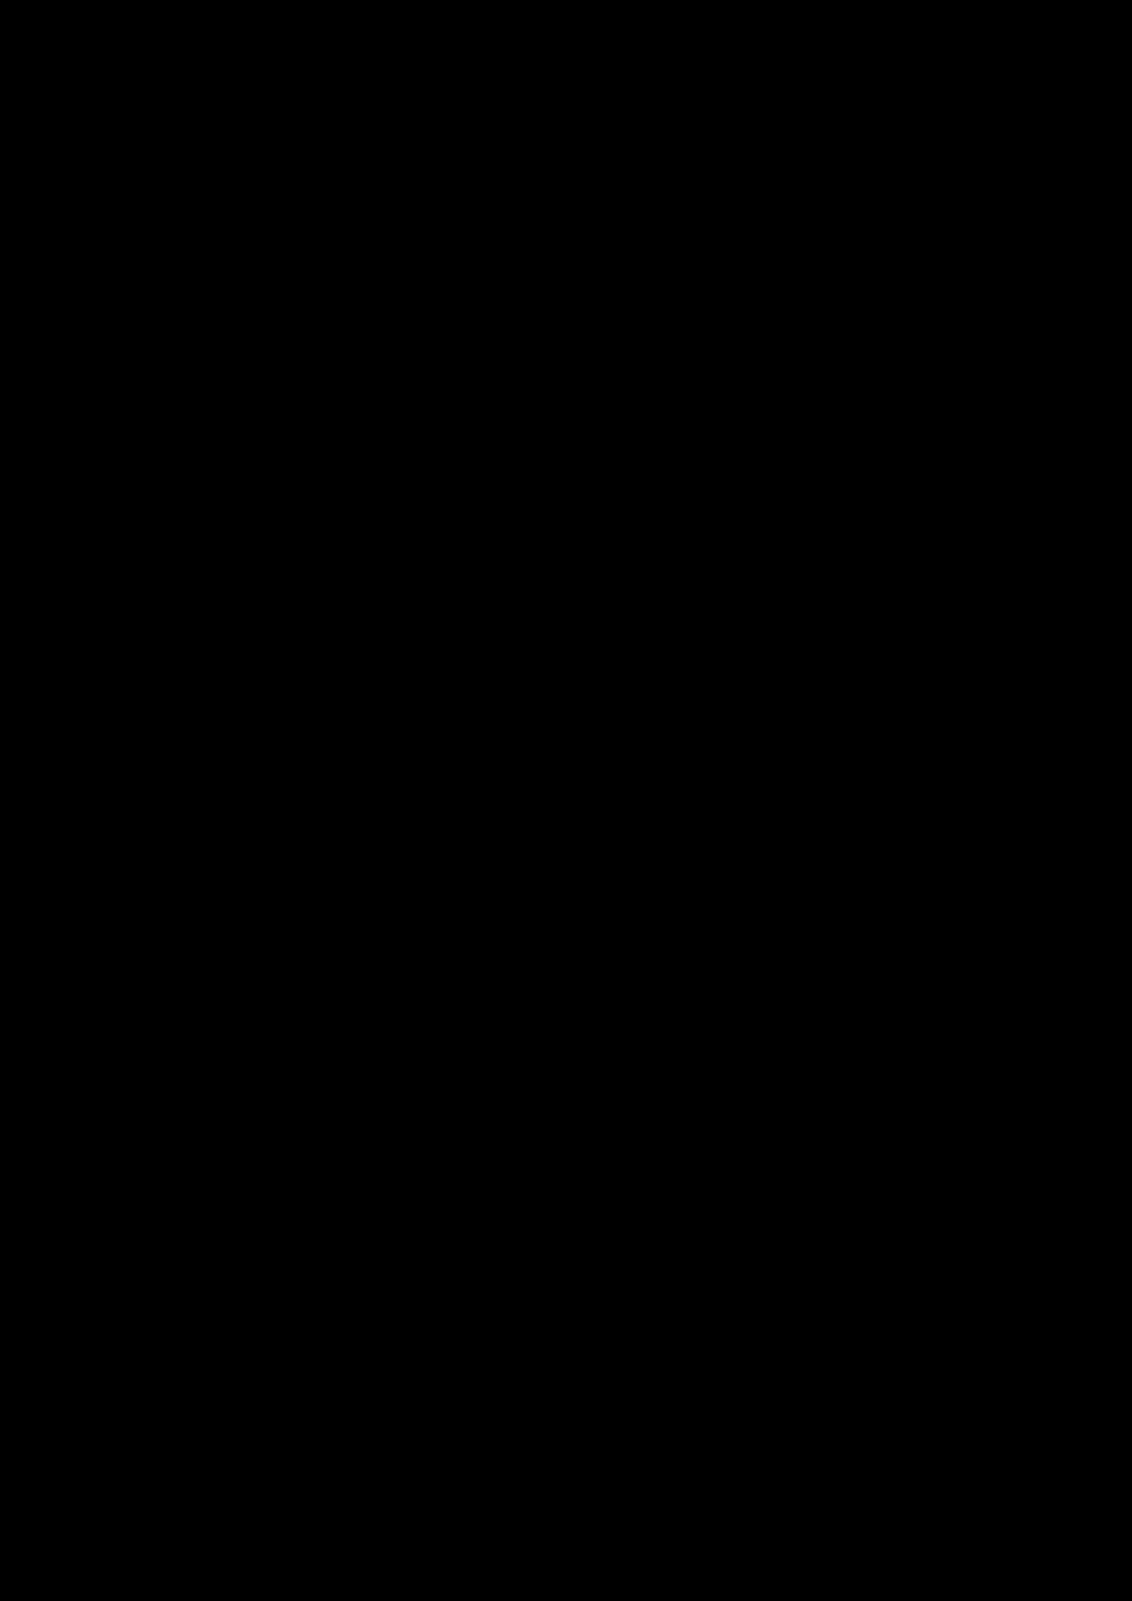 Zagadka volshebnoy stranyi slide, Image 72